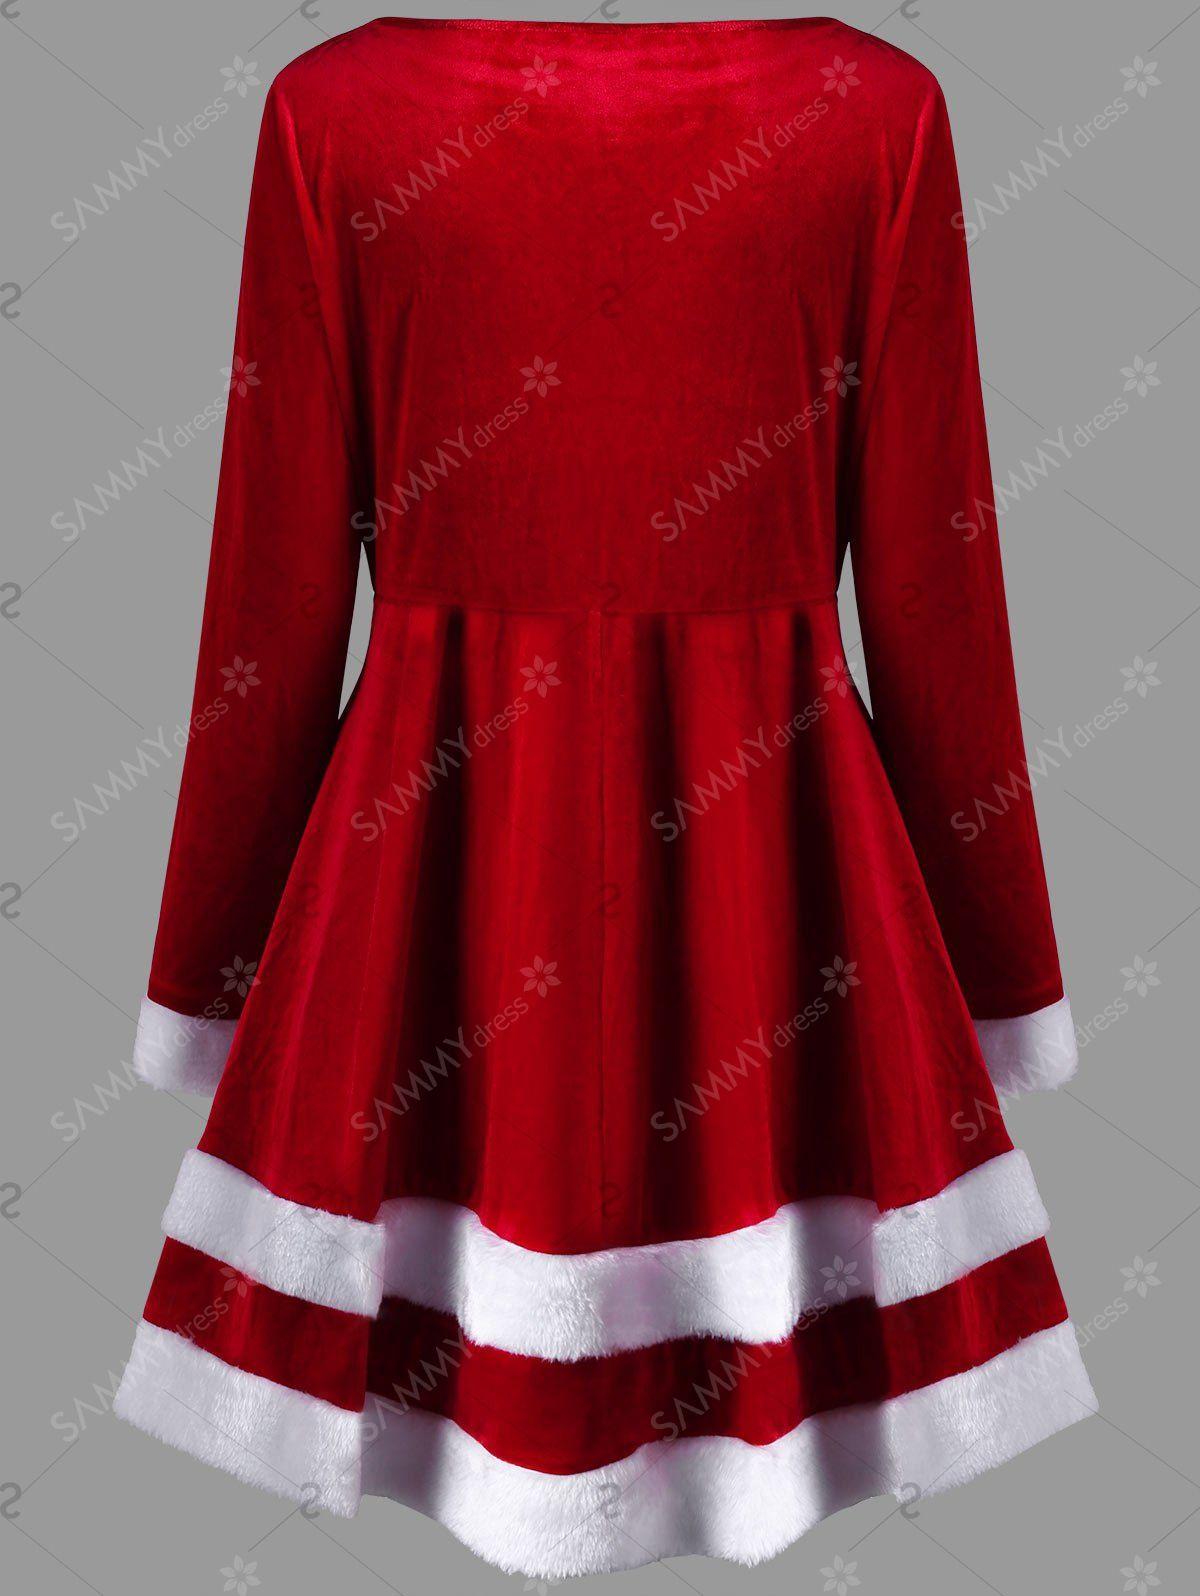 Christmas Plus Size Velvet Long Sleeve Dress in Red 5xl | Sammydress ...